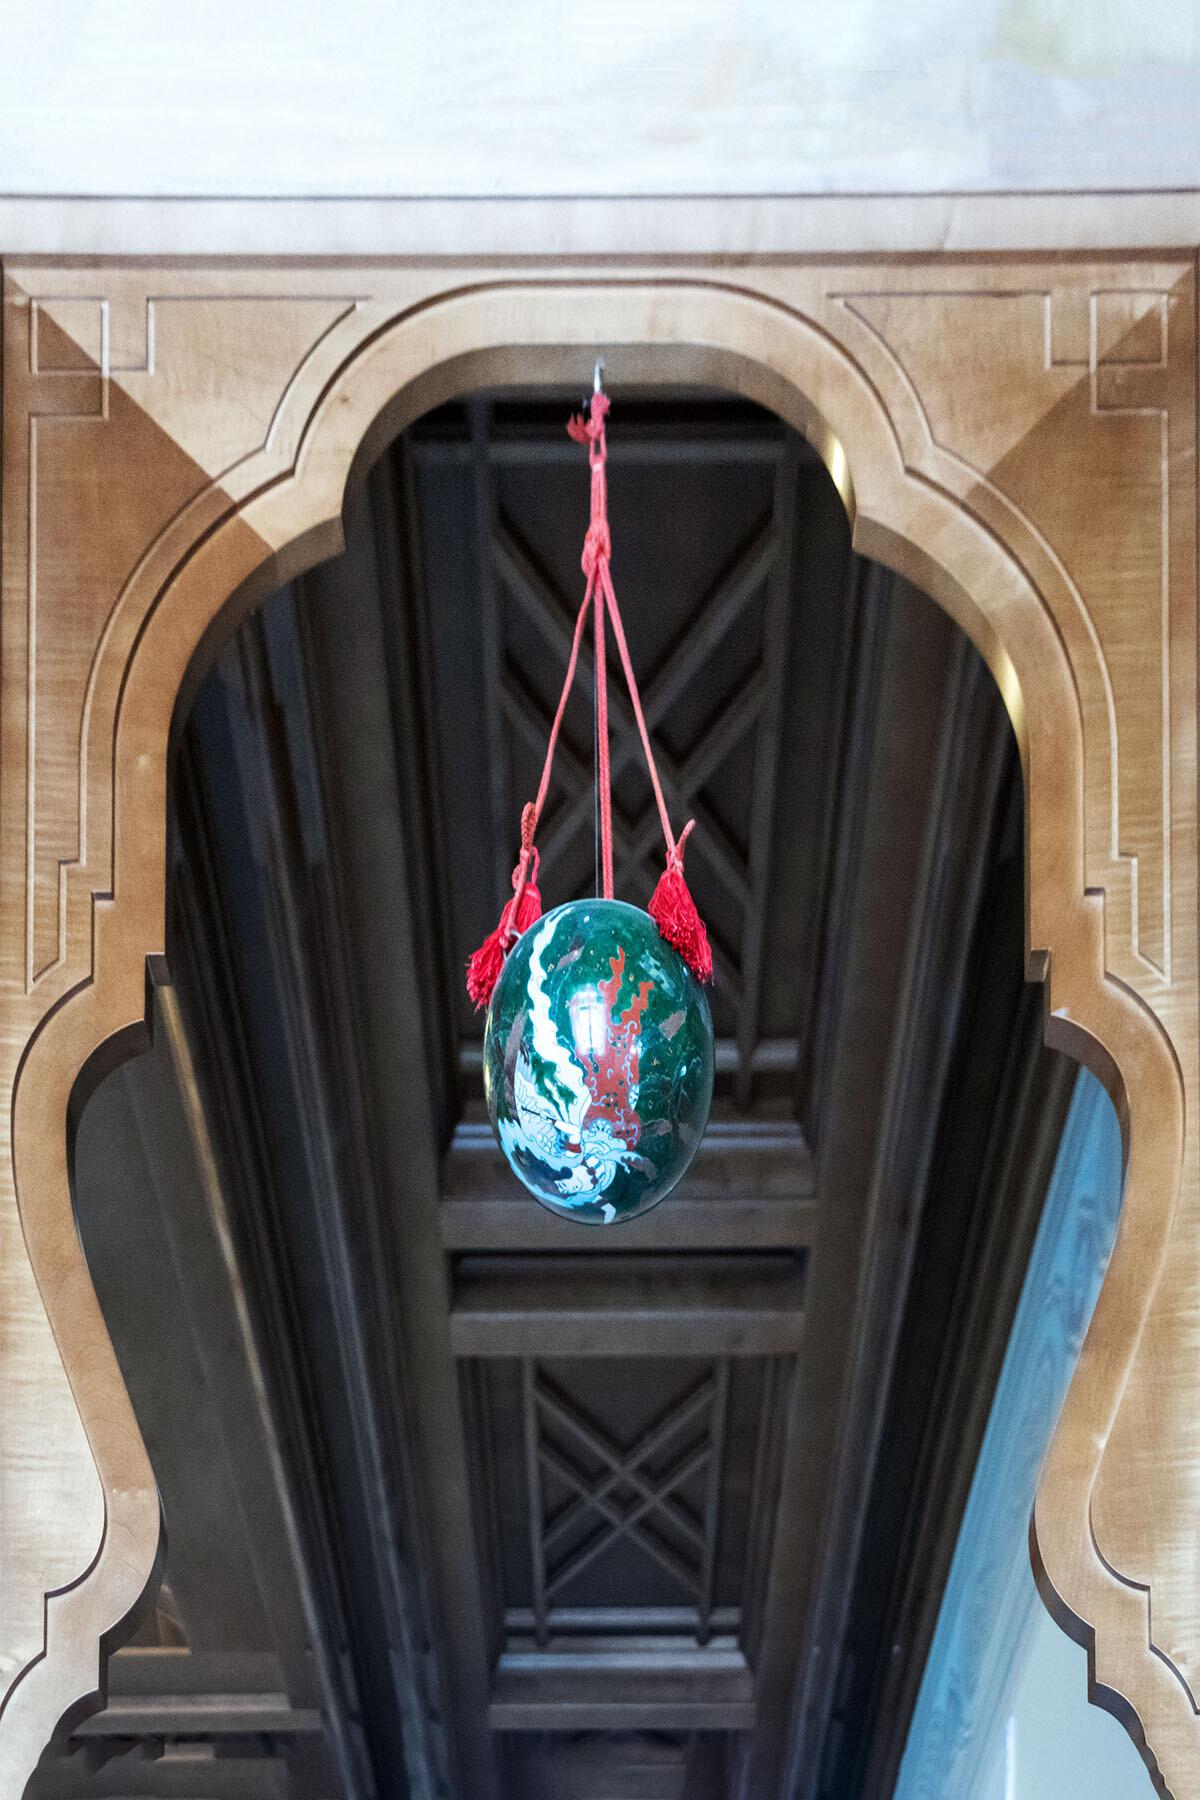 Мавританская уборная (Бассейная) Николая II в Александровском дворце IMG_0465.jpg